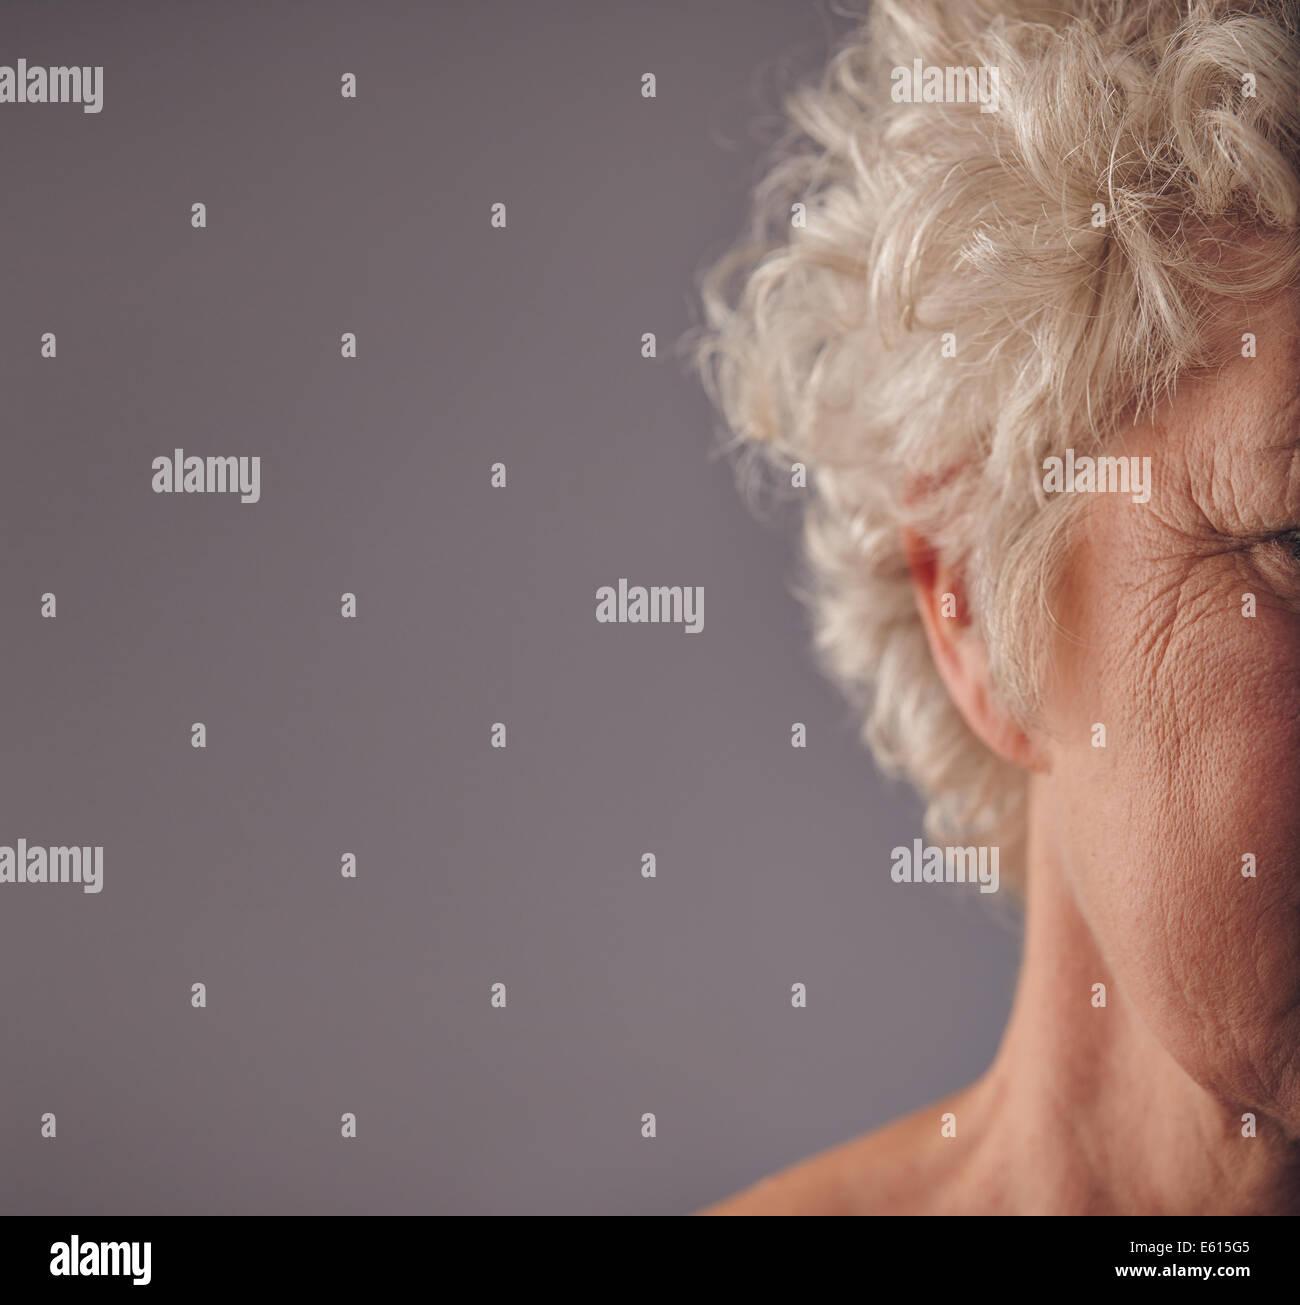 Ältere Frau Gesicht mit faltige Haut auf grauem Hintergrund abgeschnitten. Krähenfüße auf Augen Stockbild